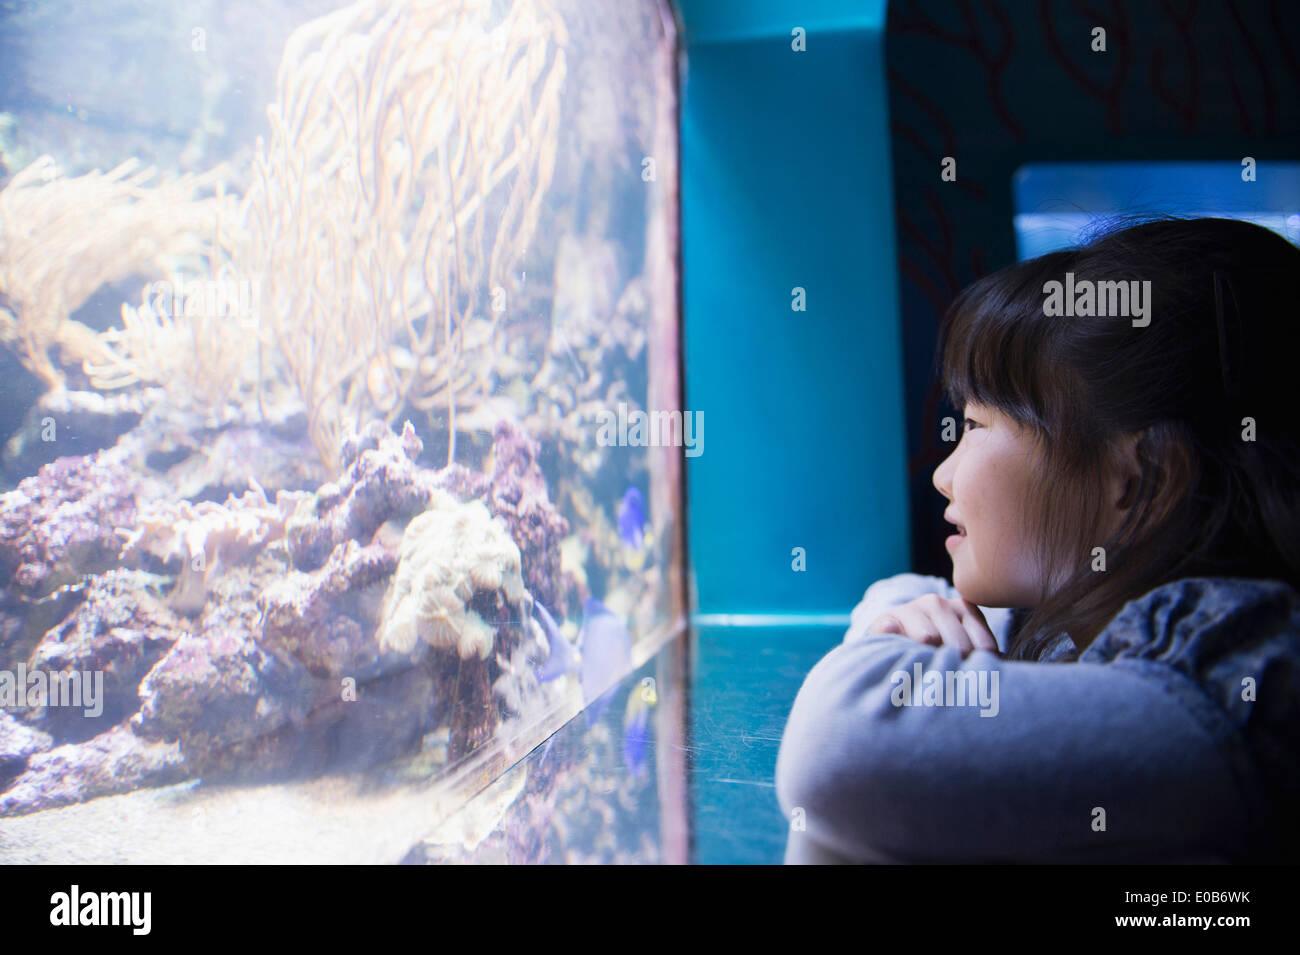 Girl admiring sea life in aquarium - Stock Image